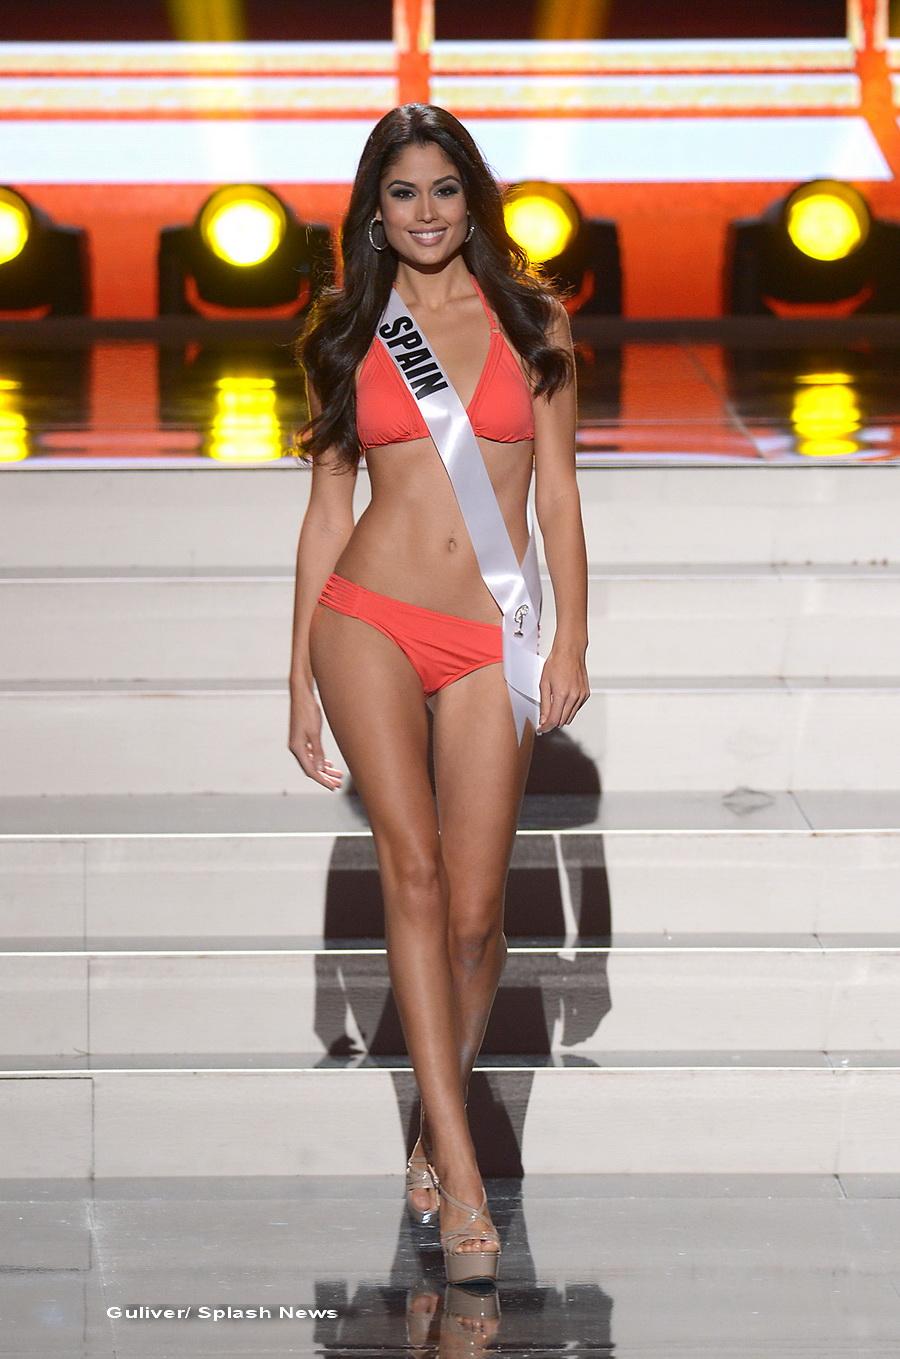 Miss Spania a dezvaluit ca este lesbiana, cu o fotografie pusa pe Instagram. Cum arata femeia de care s-a indragostit